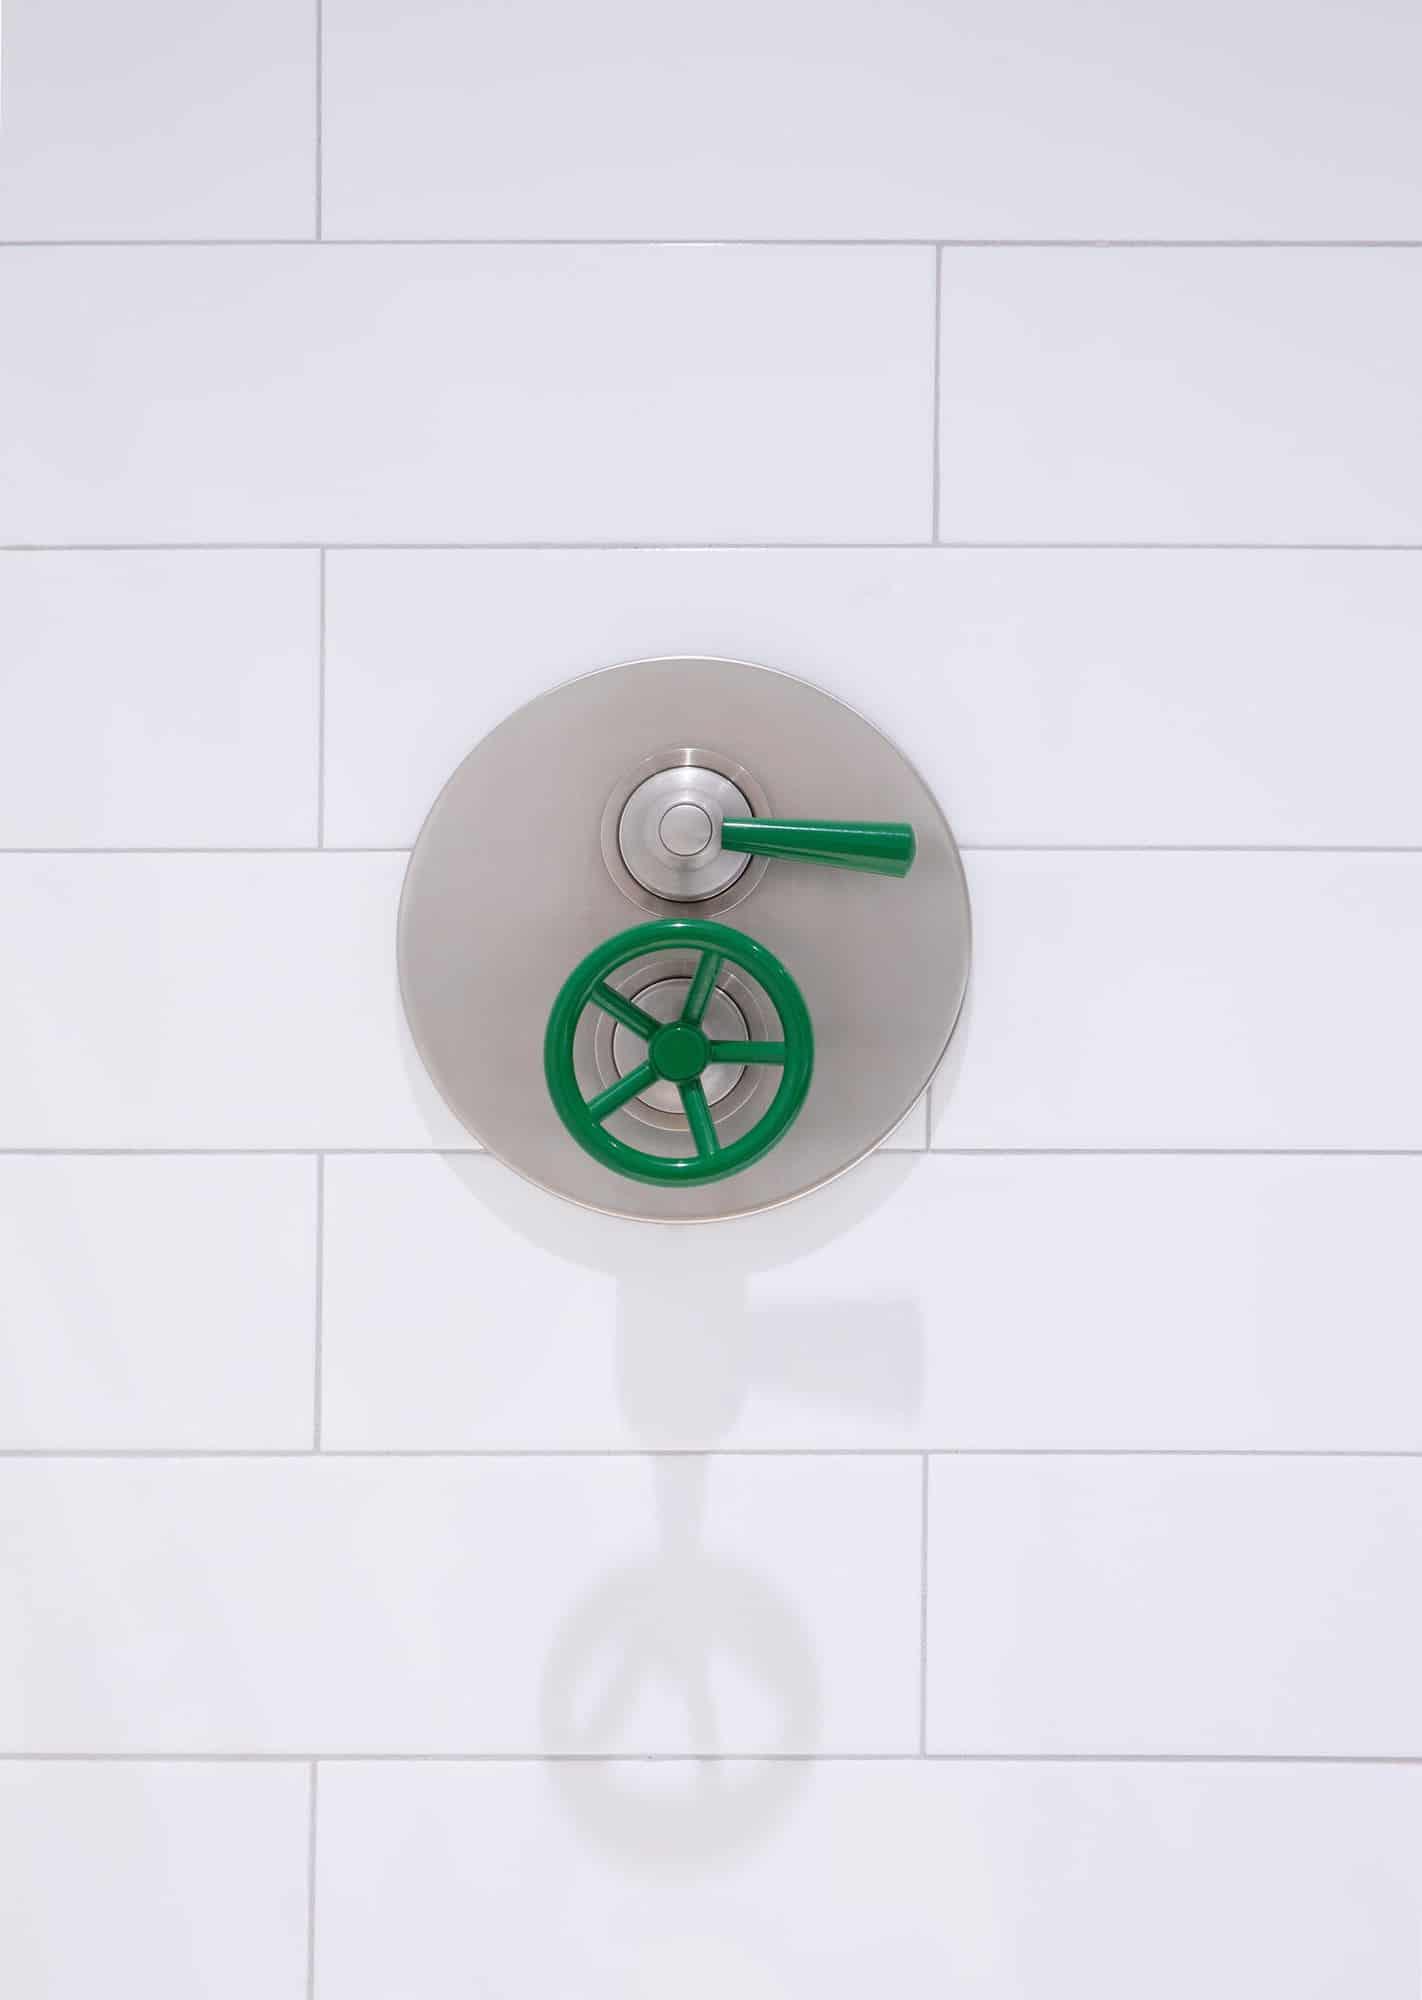 modern-shower-plumbing-fixture-detail